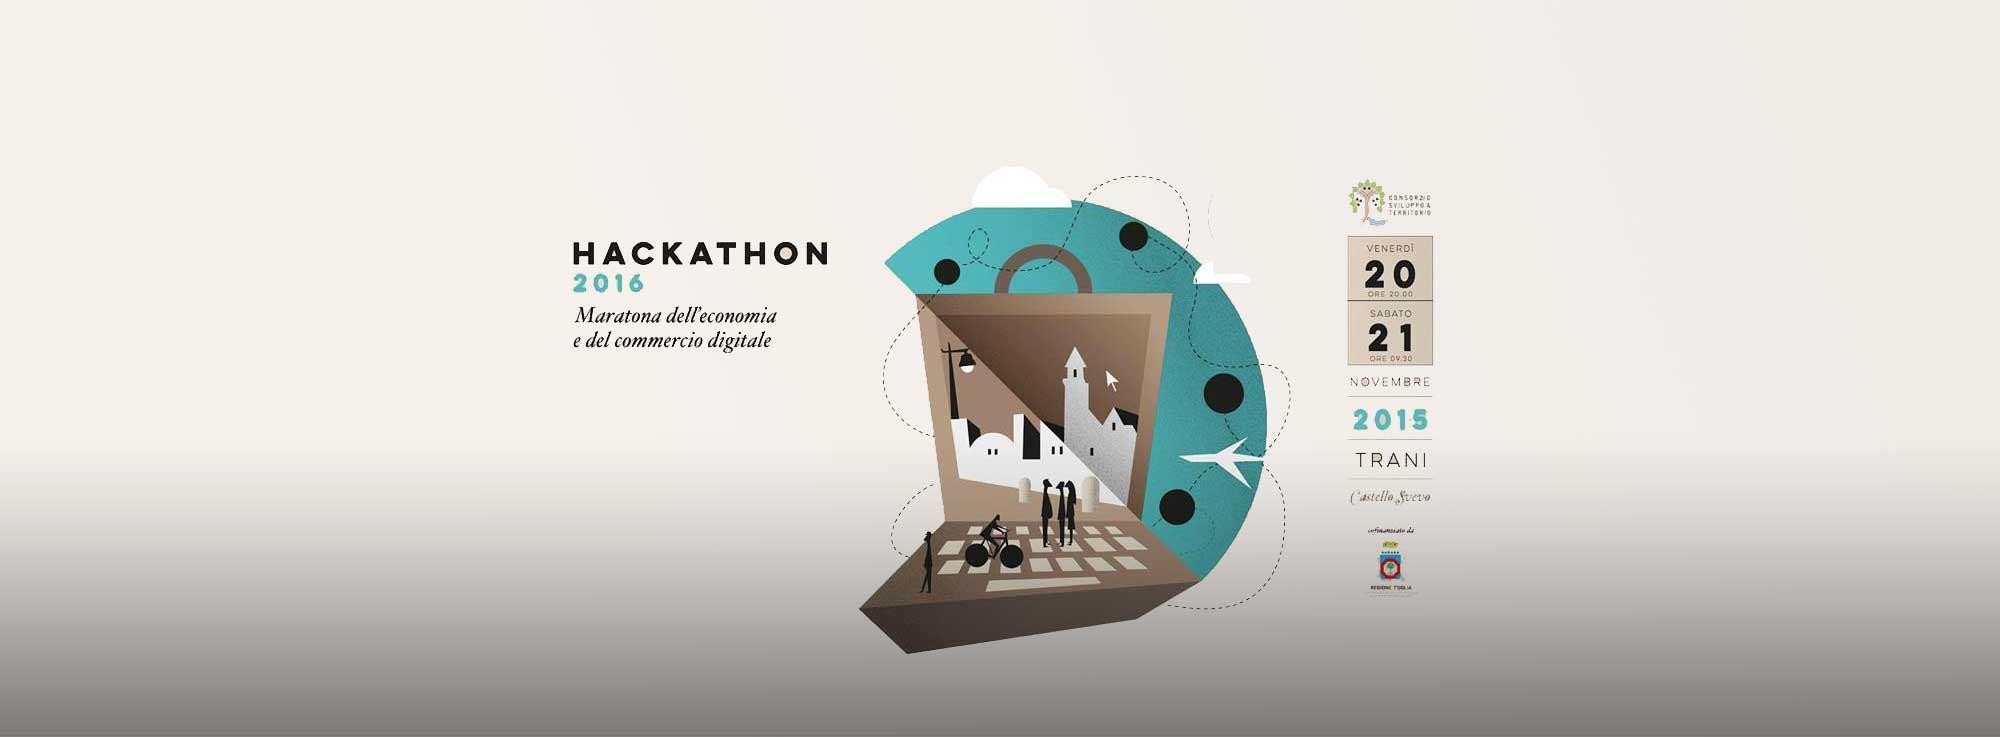 Trani: Presentazione di Hackathon 2016